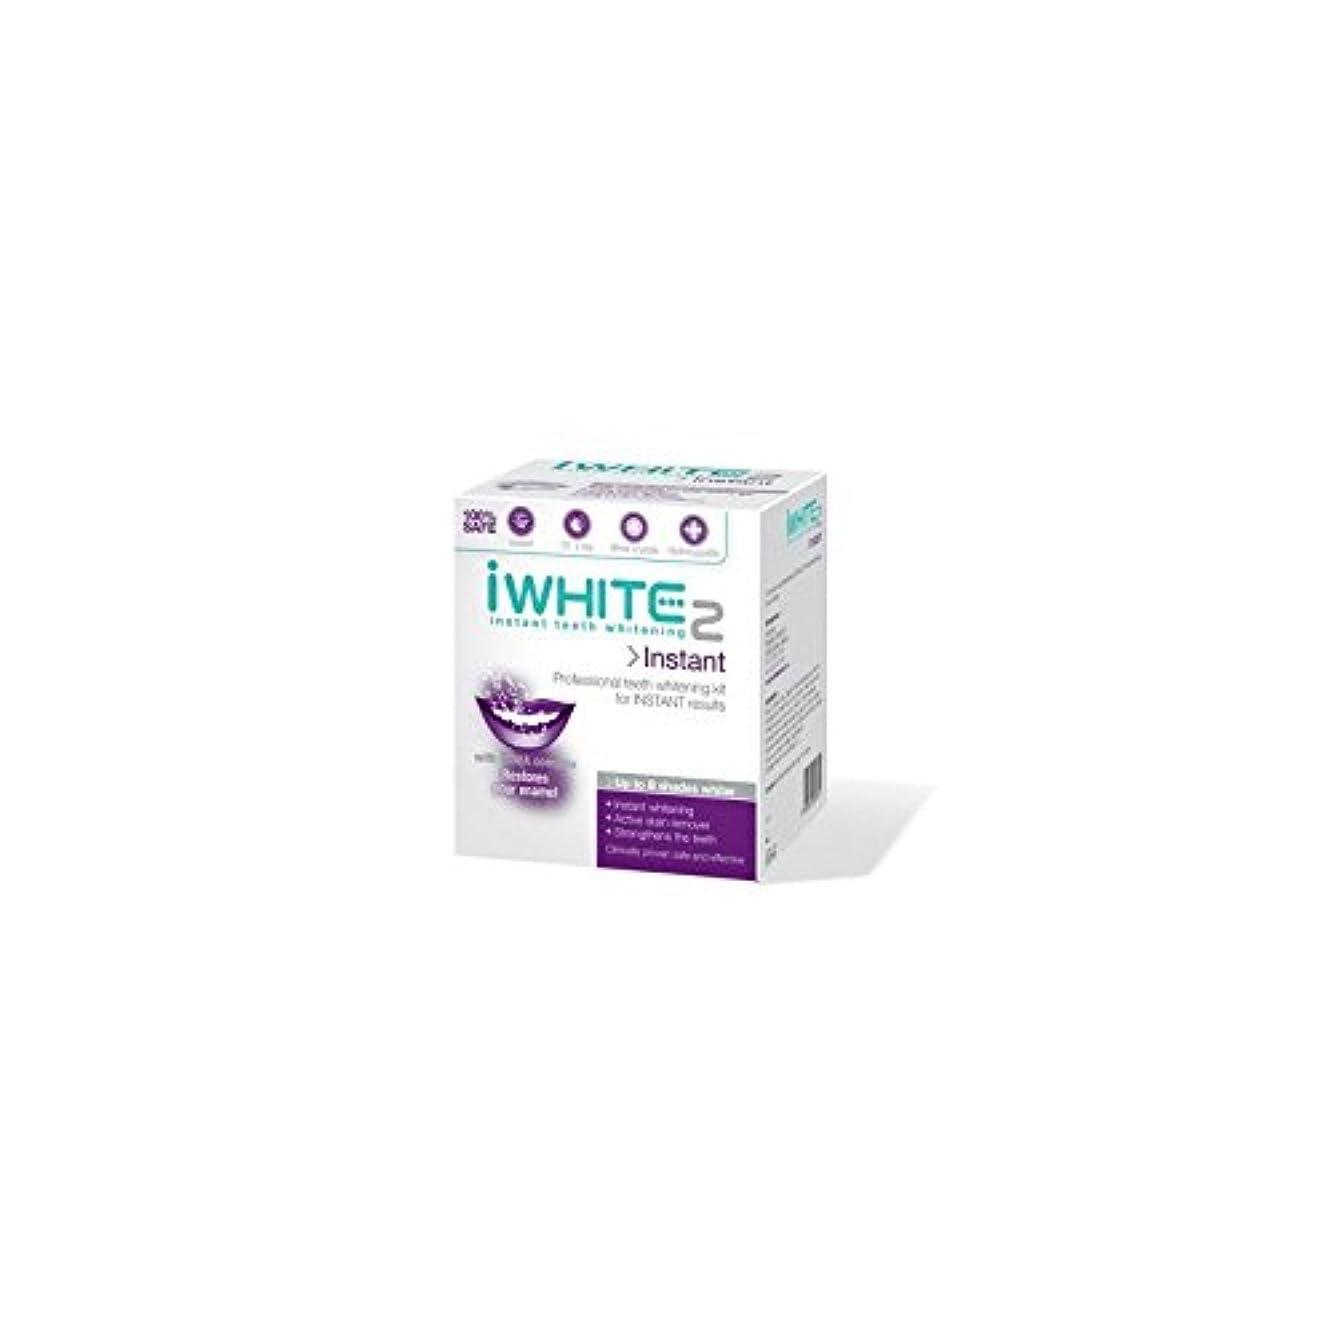 バーマド軍隊禁じるiWhite Instant 2 Professional Teeth Whitening Kit (10 Trays) - インスタントキットを白く2本のプロ歯(10トレイ) [並行輸入品]